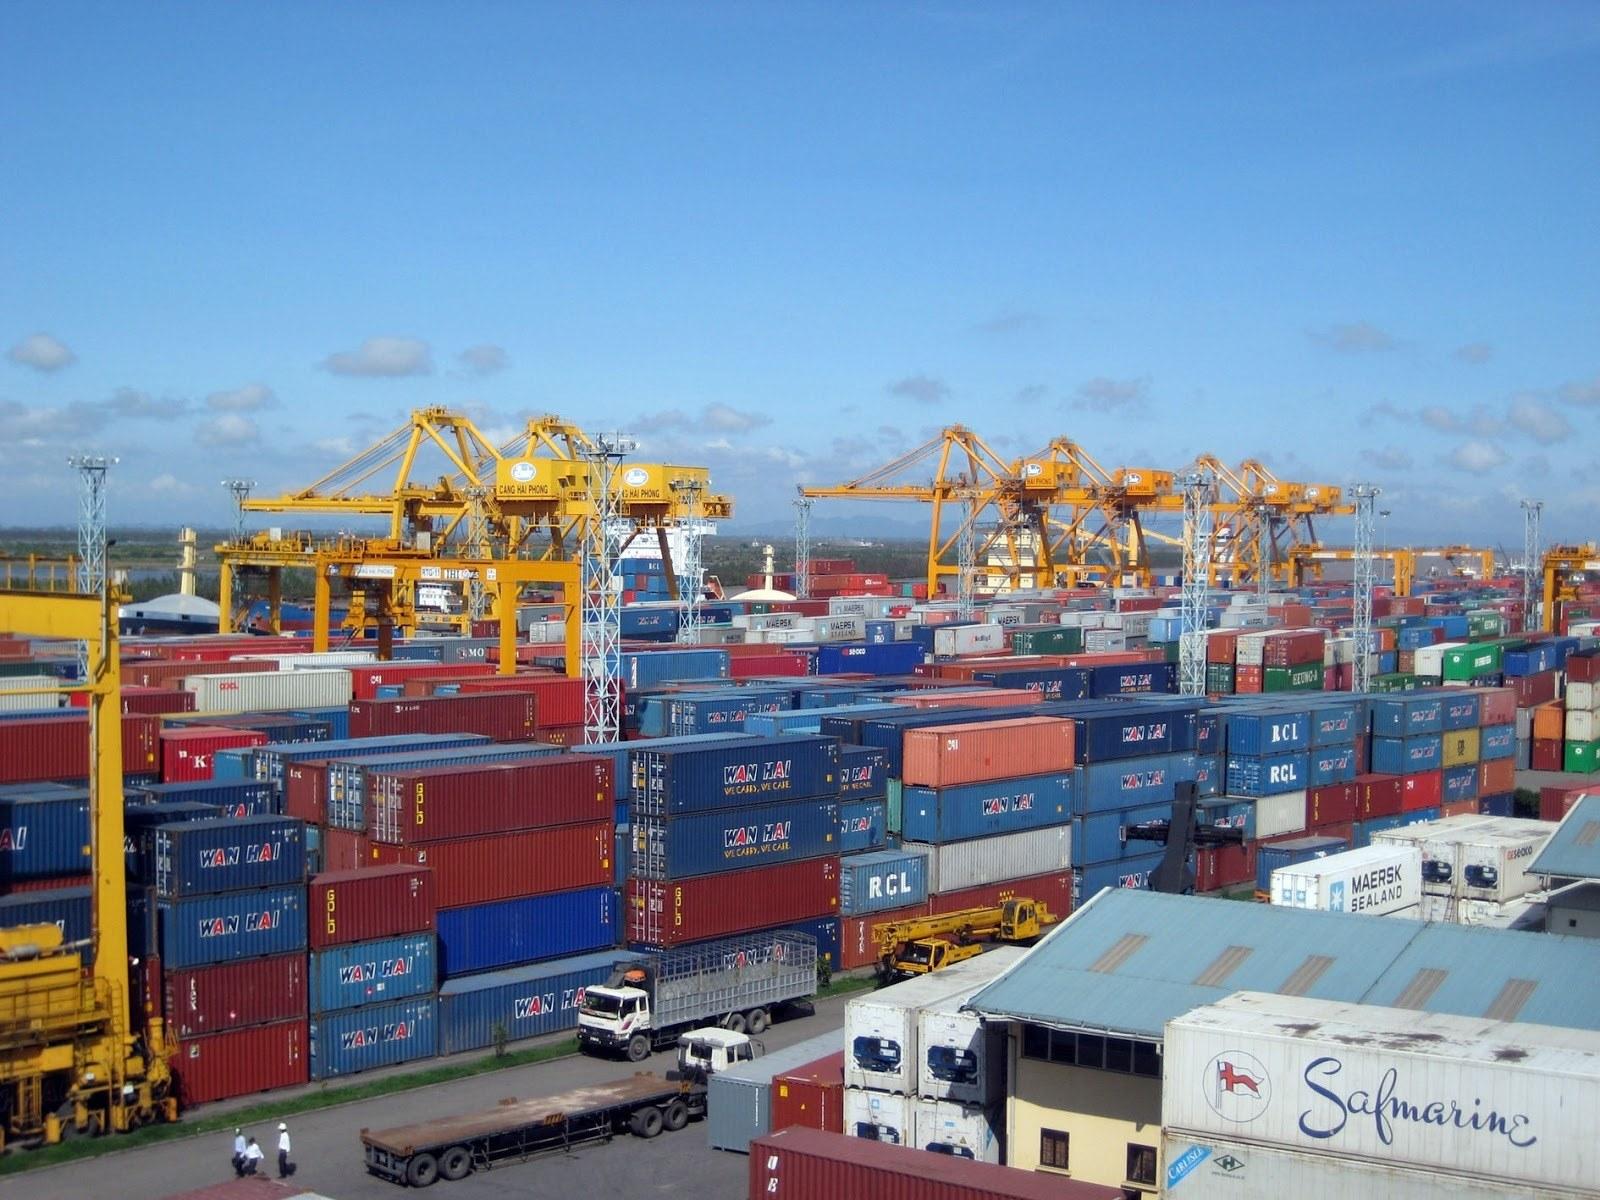 Cục Hải quan TP.HCM đang tiếp tục triển khai nhiều giải pháp tạo thuận lợi cho doanh nghiệp, như: đối thoại, tháo gỡ vướng mắc, thực hiện đề án tạo thuận lợi thương mại tại cảng Cát Lái